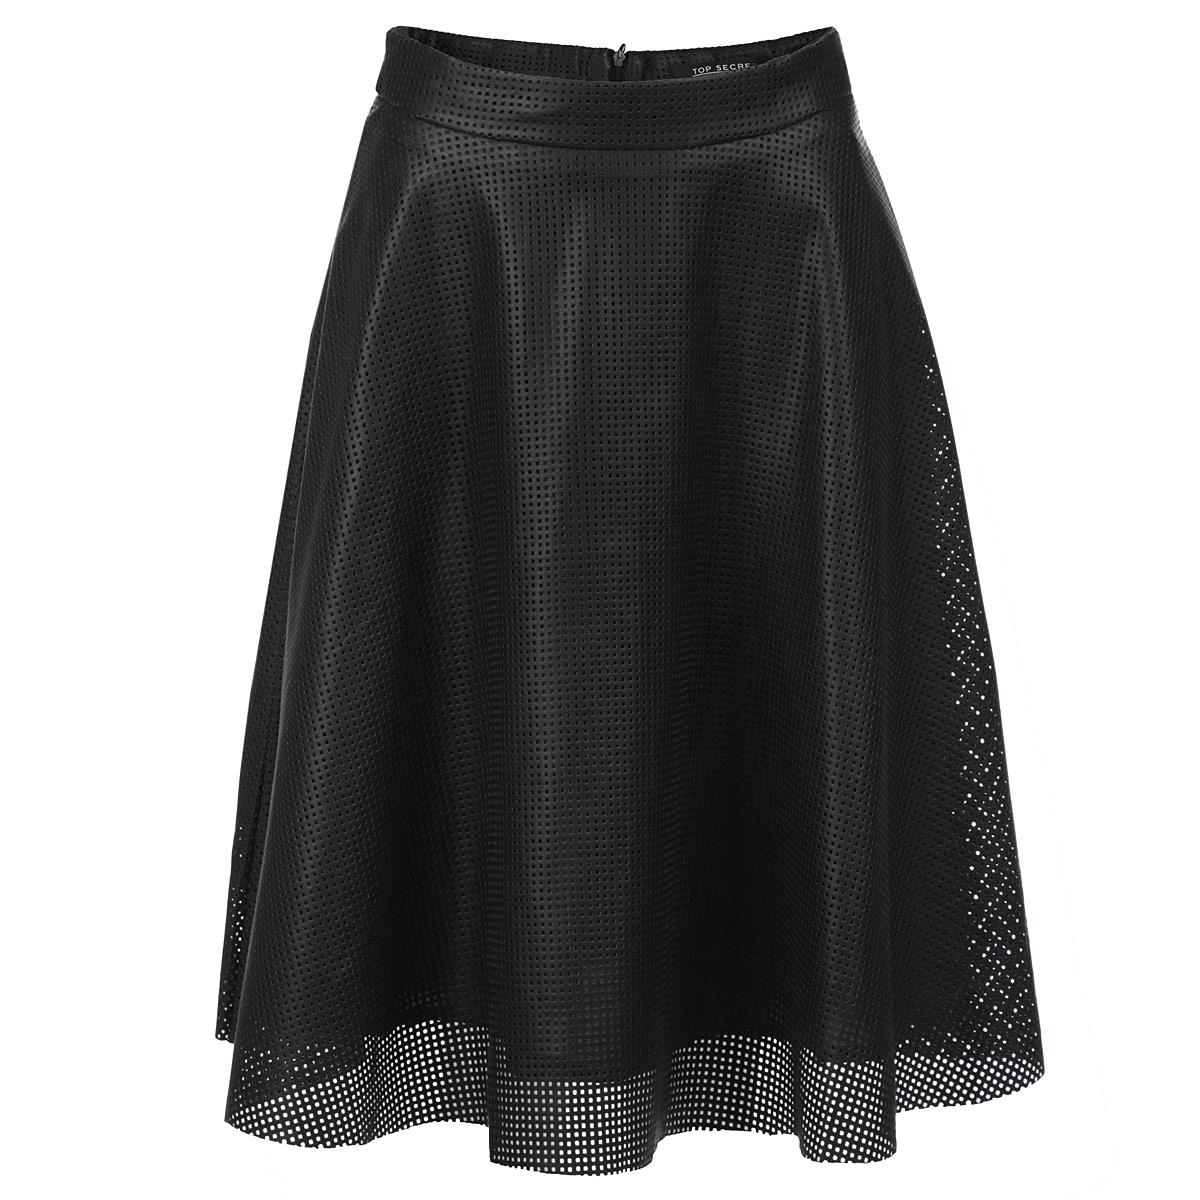 SSD0777CAСтильная юбка Troll изготовлена из полиуретана и оформлена декоративной перфорацией. Юбка на подкладке из полиэстера. Модель расклешенного кроя с широким поясом на талии. Сзади застегивается на потайную молнию. Эта модная юбка - отличный вариант на каждый день. Она займет достойное место в вашем гардеробе.